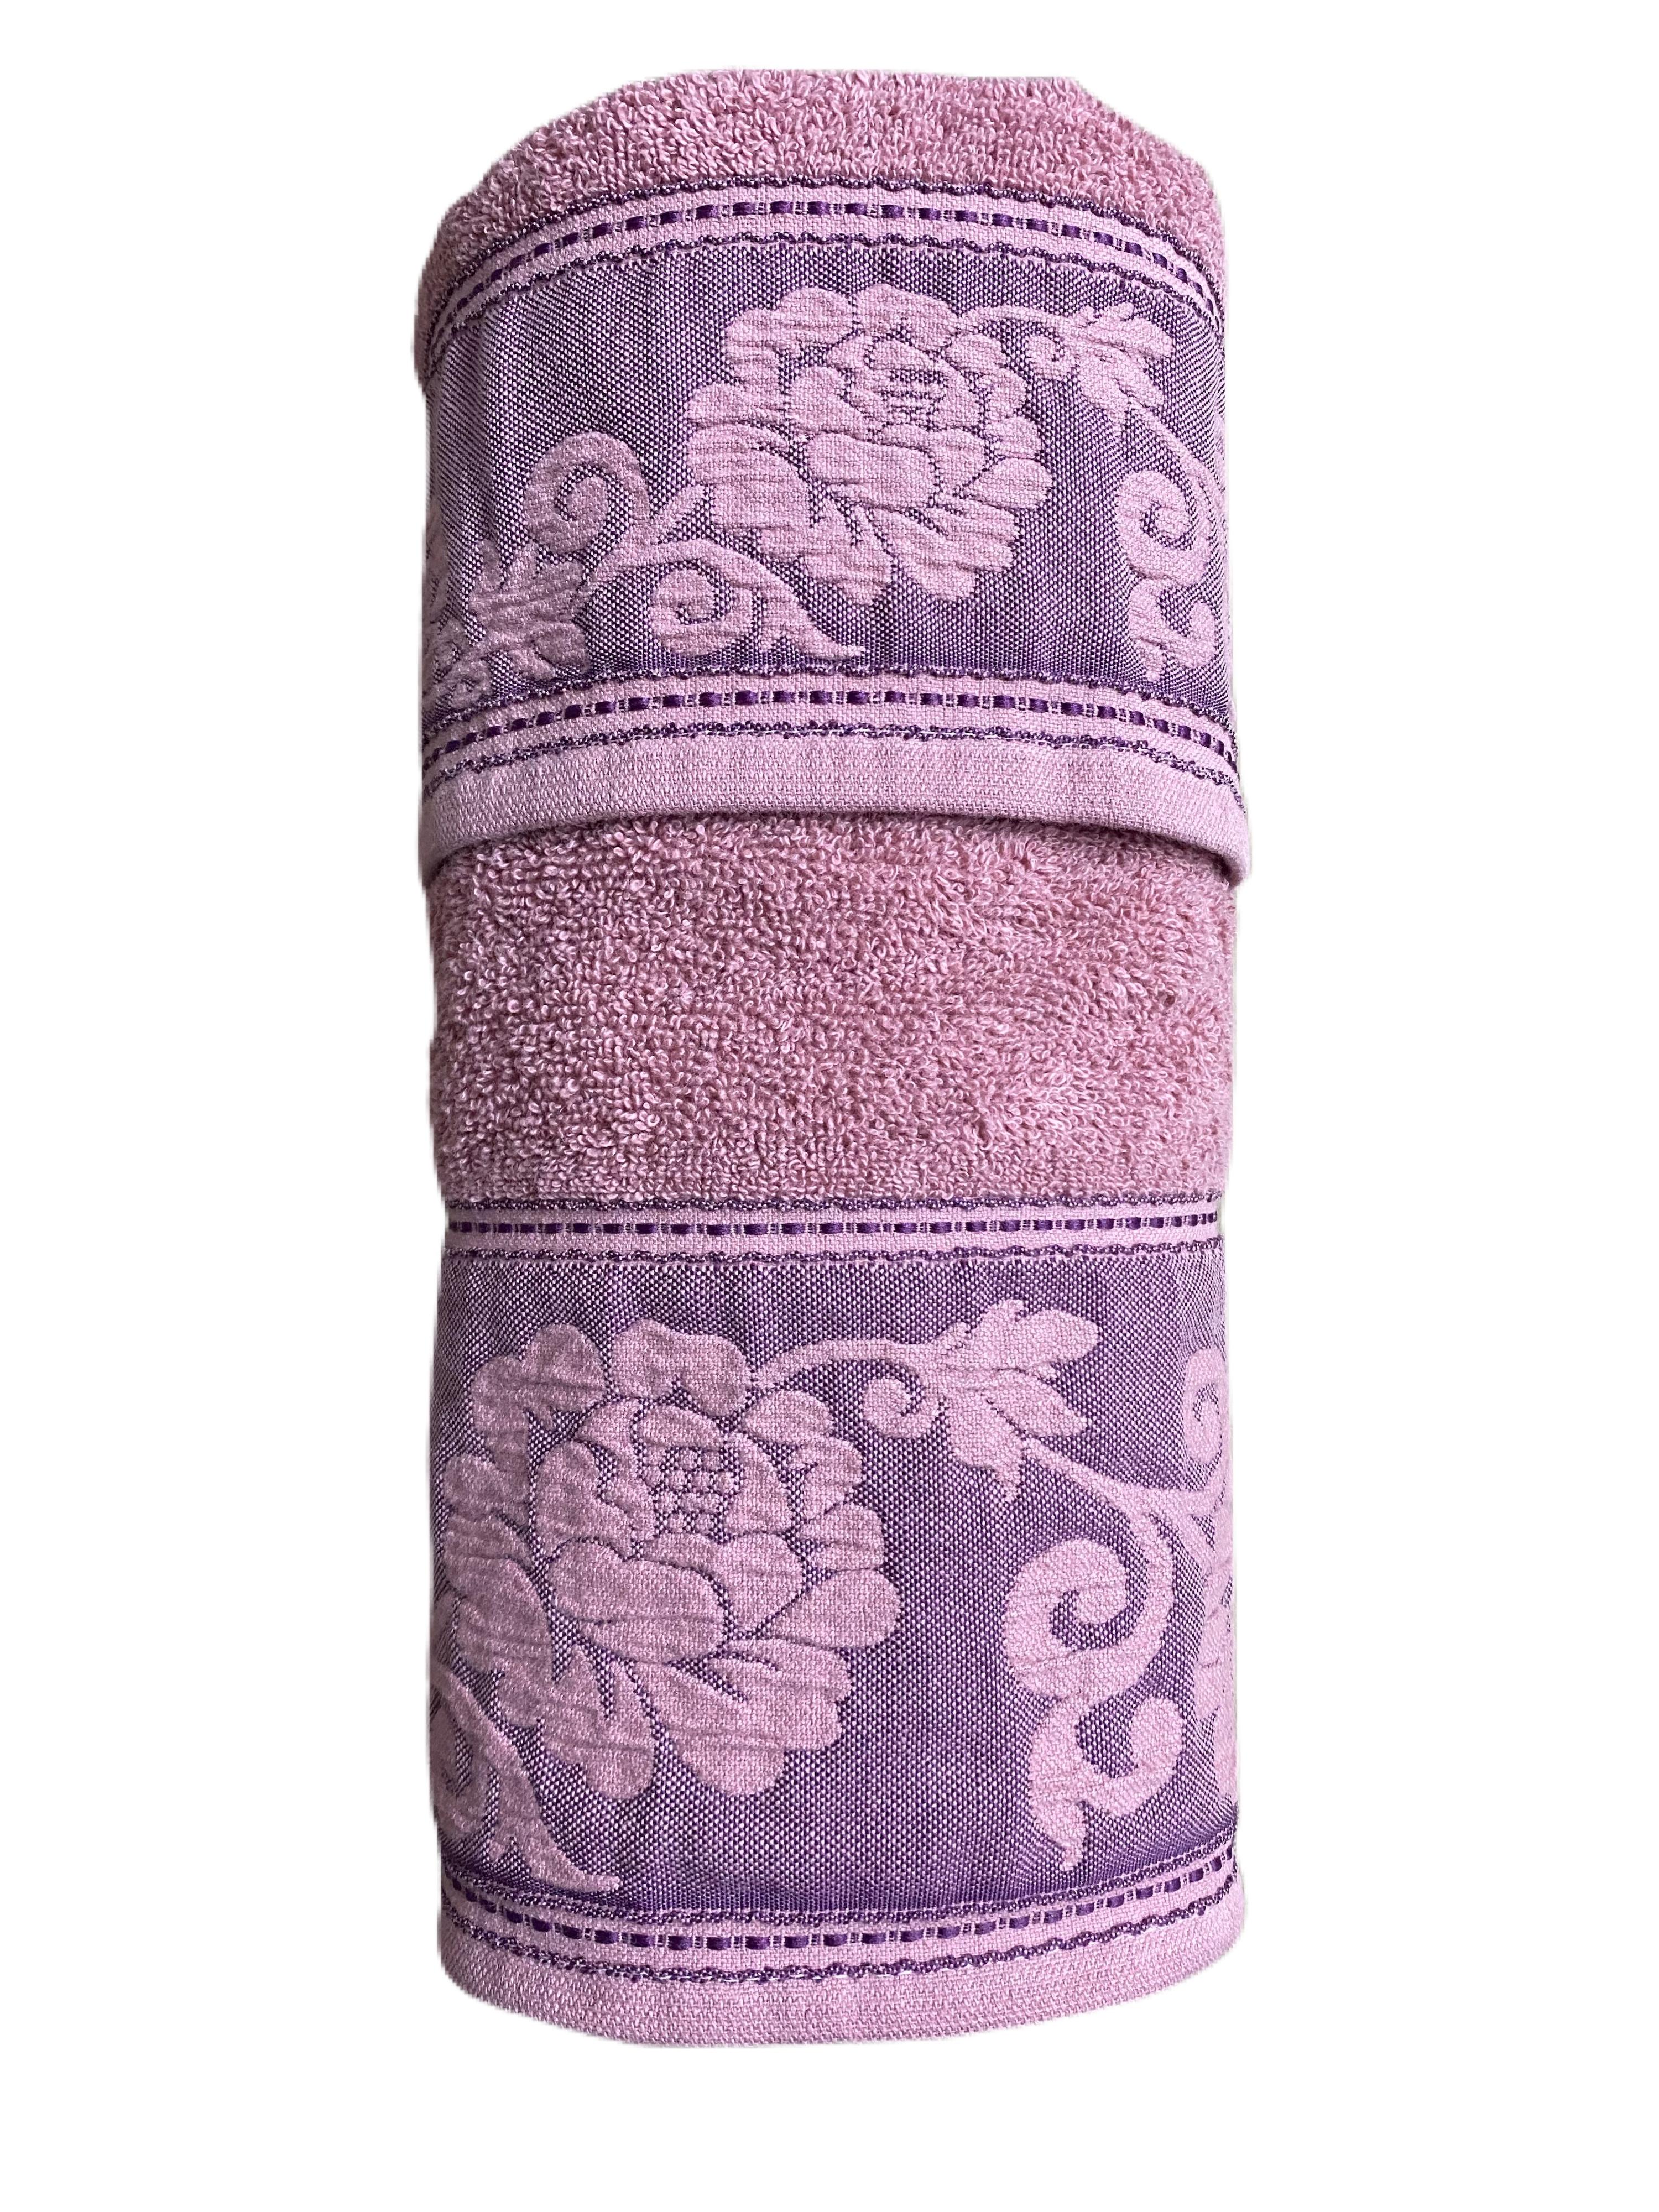 Asciugamani con greca flowers